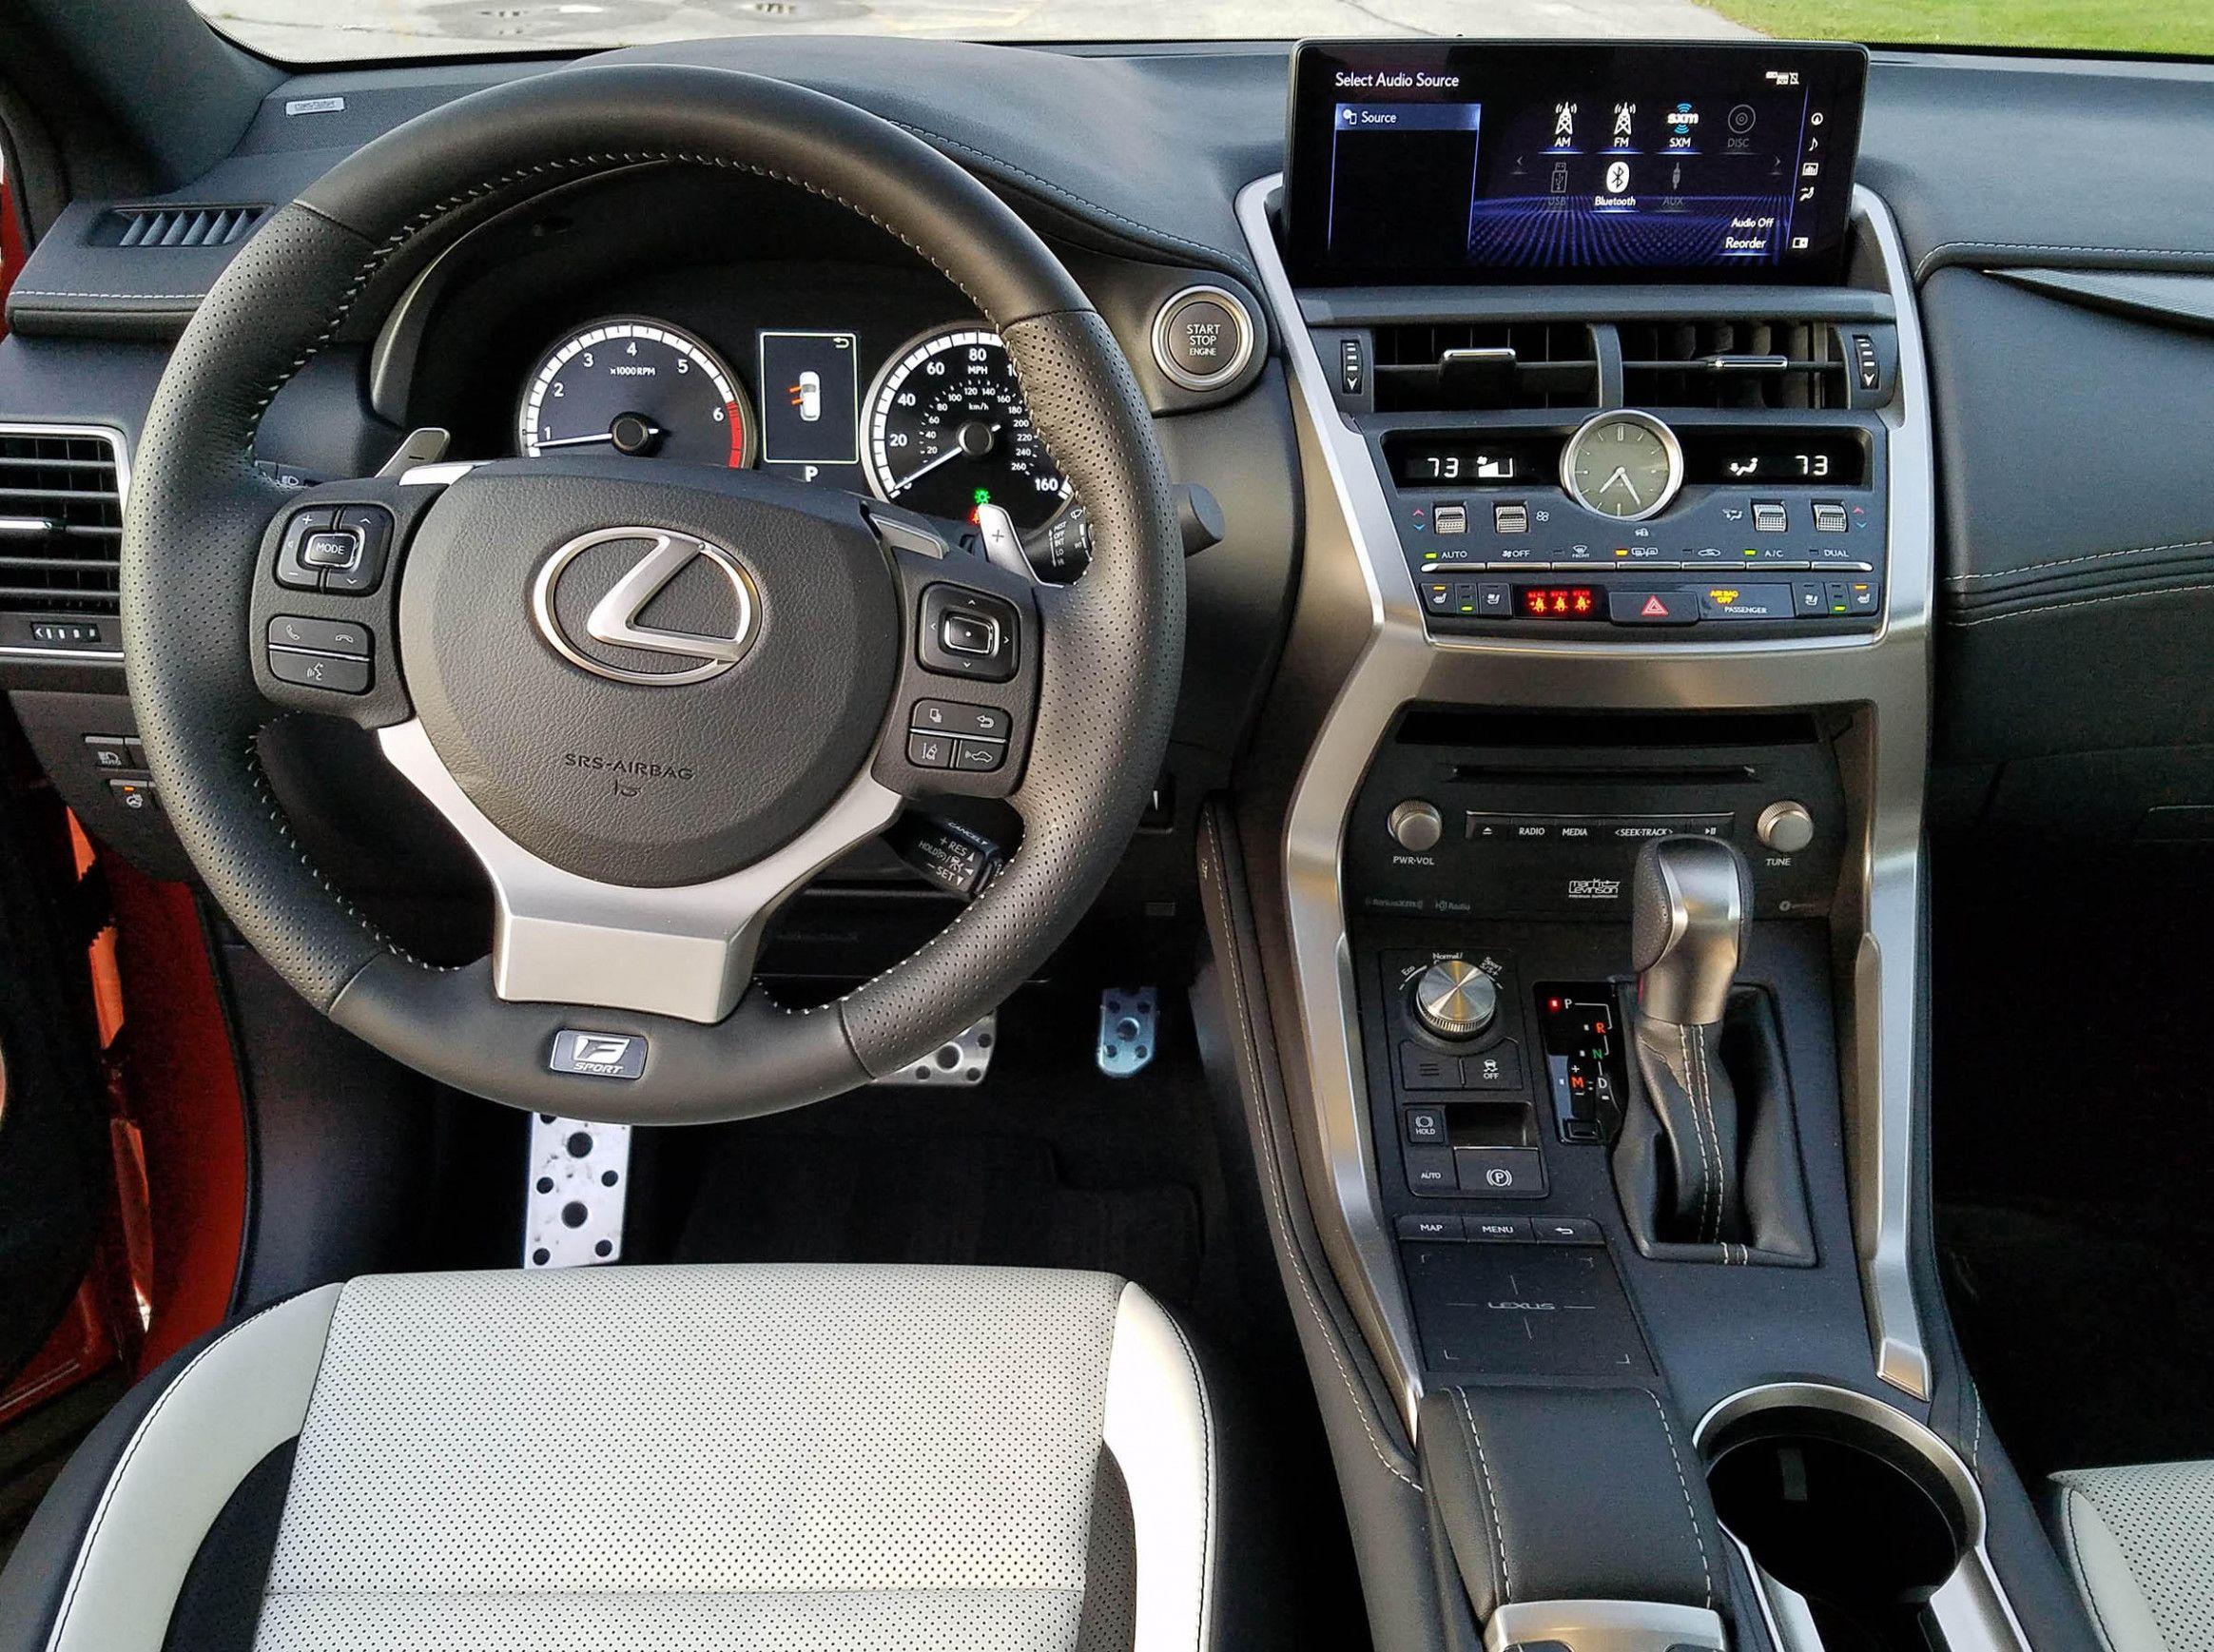 Lexus Rx 350 Interior 2015 Lexus Rx 350 2015 Delivering Luxury And Comfort Avto Today Lexus Rx 350 Interior Lexus Lexus Rx 350